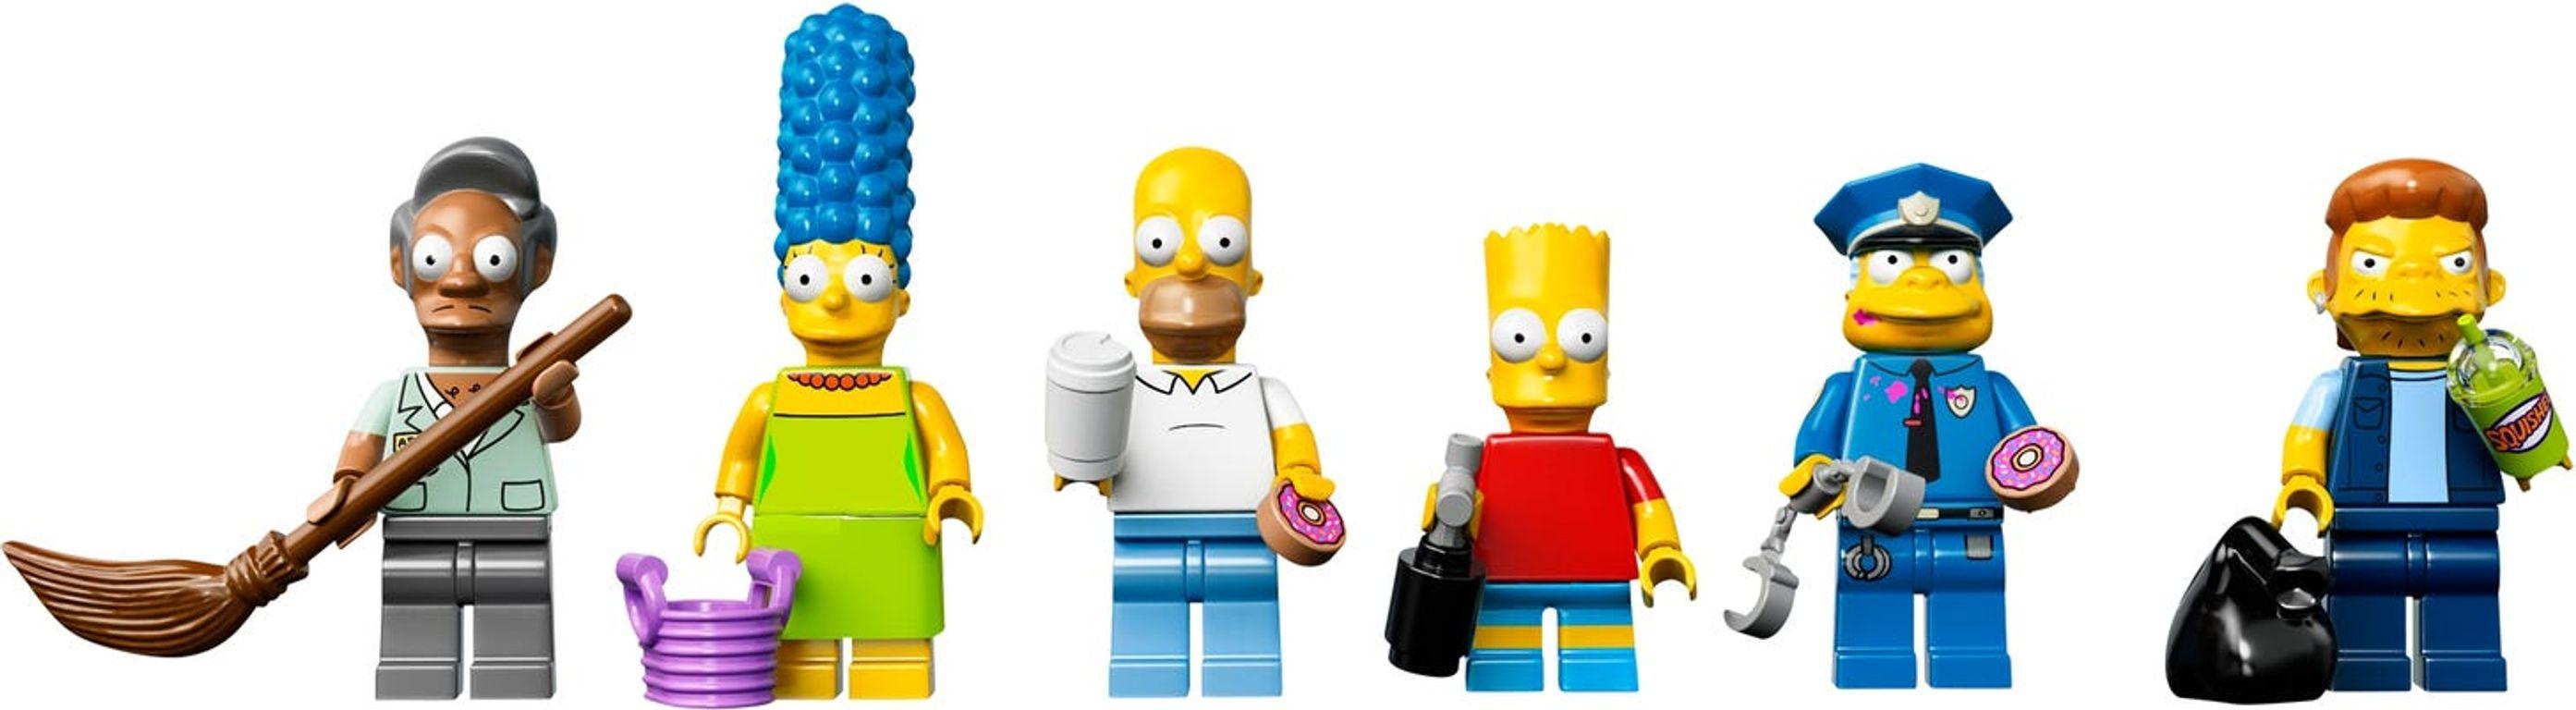 Kwik-E-Mart minifigures